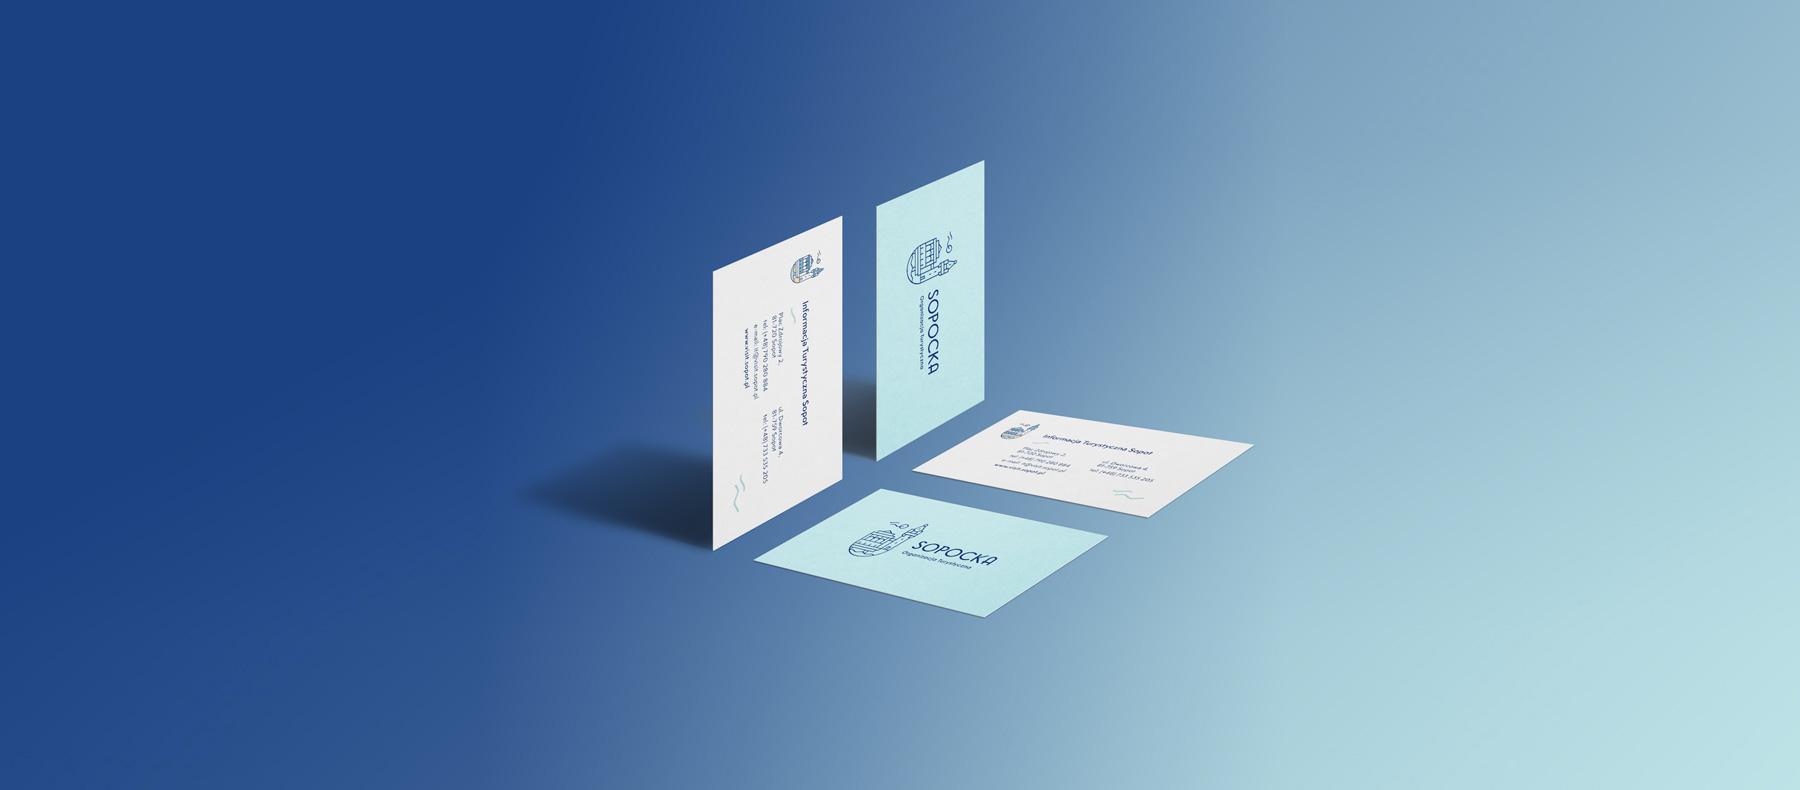 projekt wizytówki identyfikacja wizualna modern